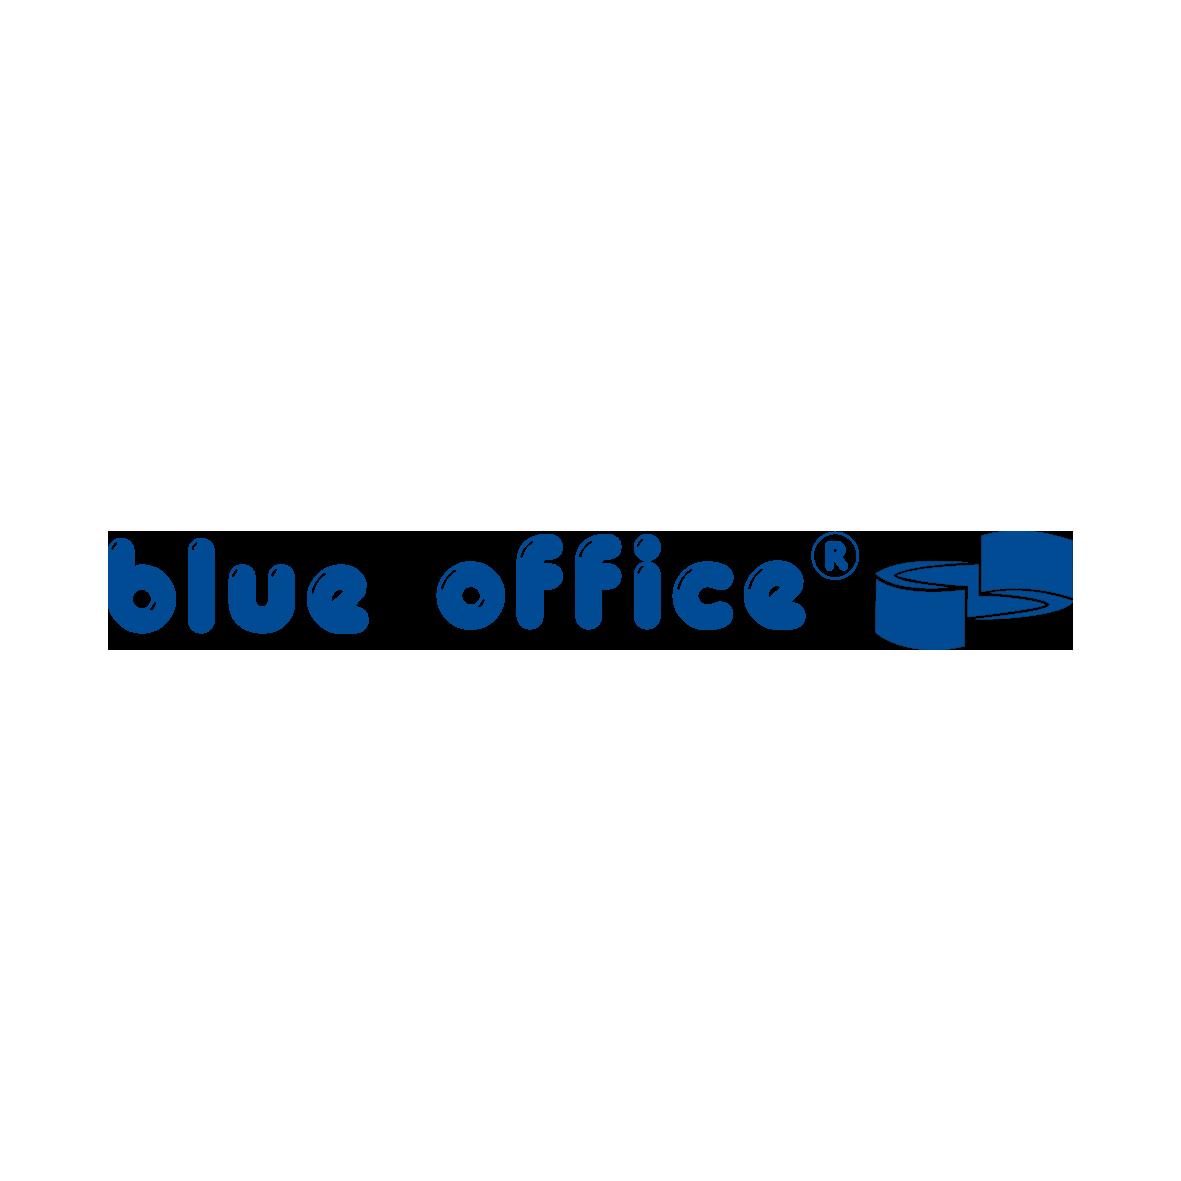 blueoffice logo uebersicht - Schnittstellen